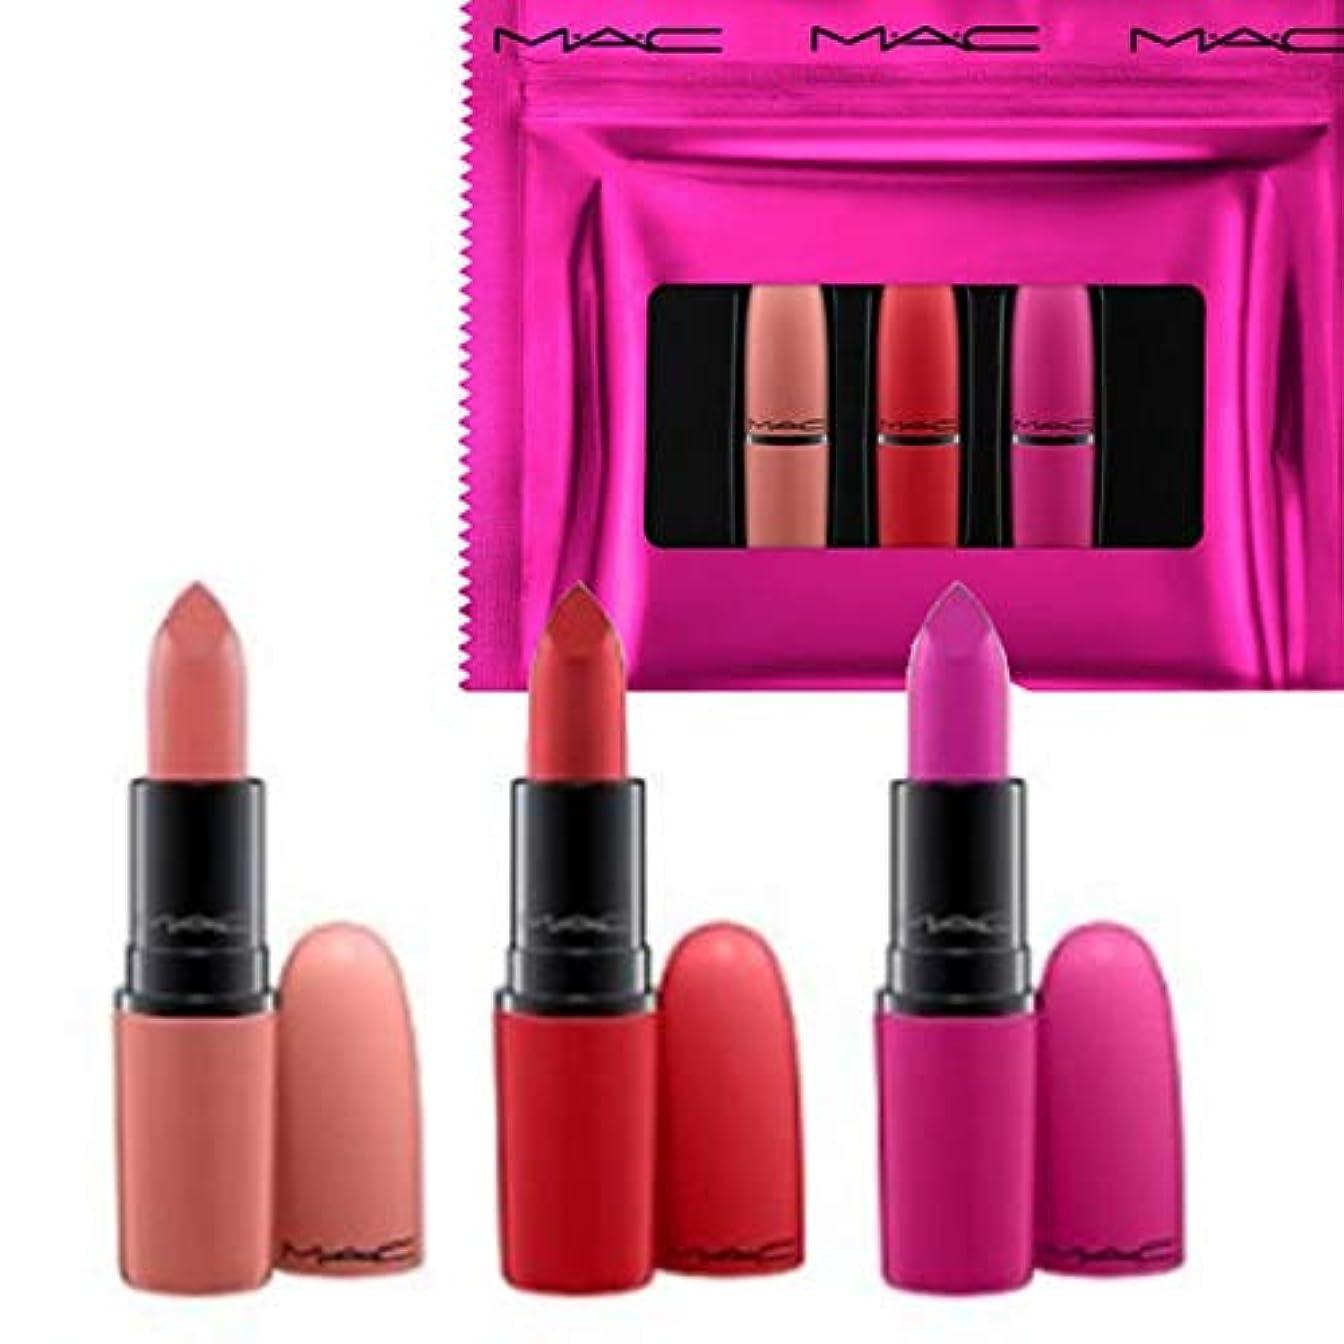 適合する静めるムスタチオM.A.C ?マック, Limited Edition 限定版, 3-Pc. Shiny Pretty Things Lip Set - Russian Red/Kinda Sexy/Flat Out Fabulous...